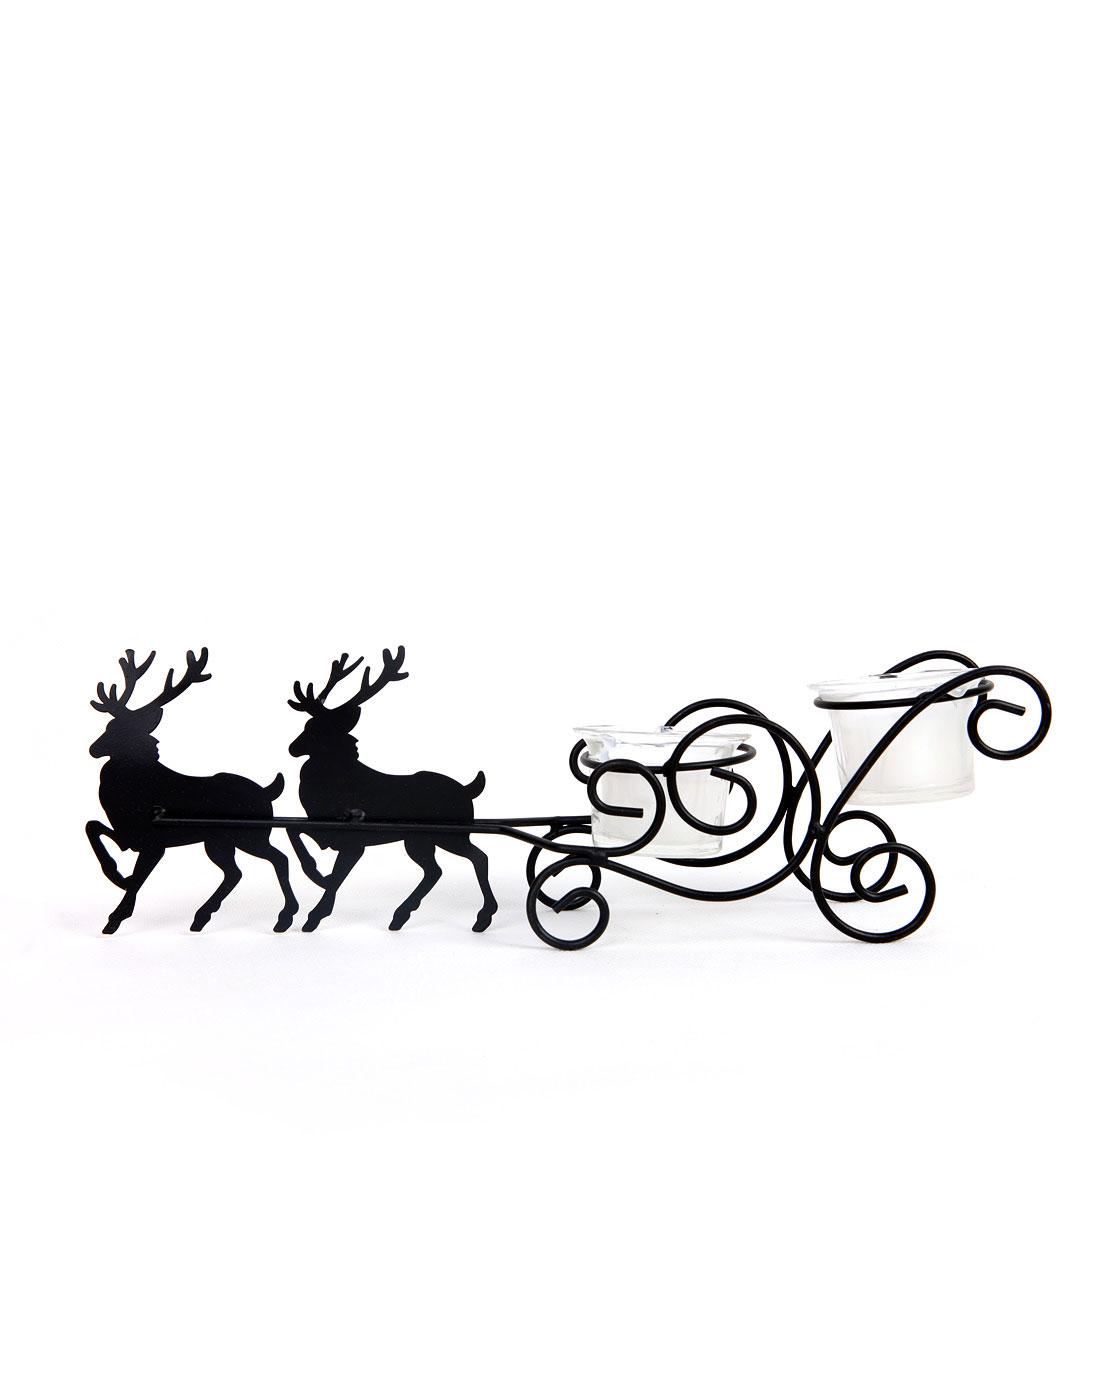 北欧麋鹿雪橇车铁艺灌蜡烛台摆件-两只